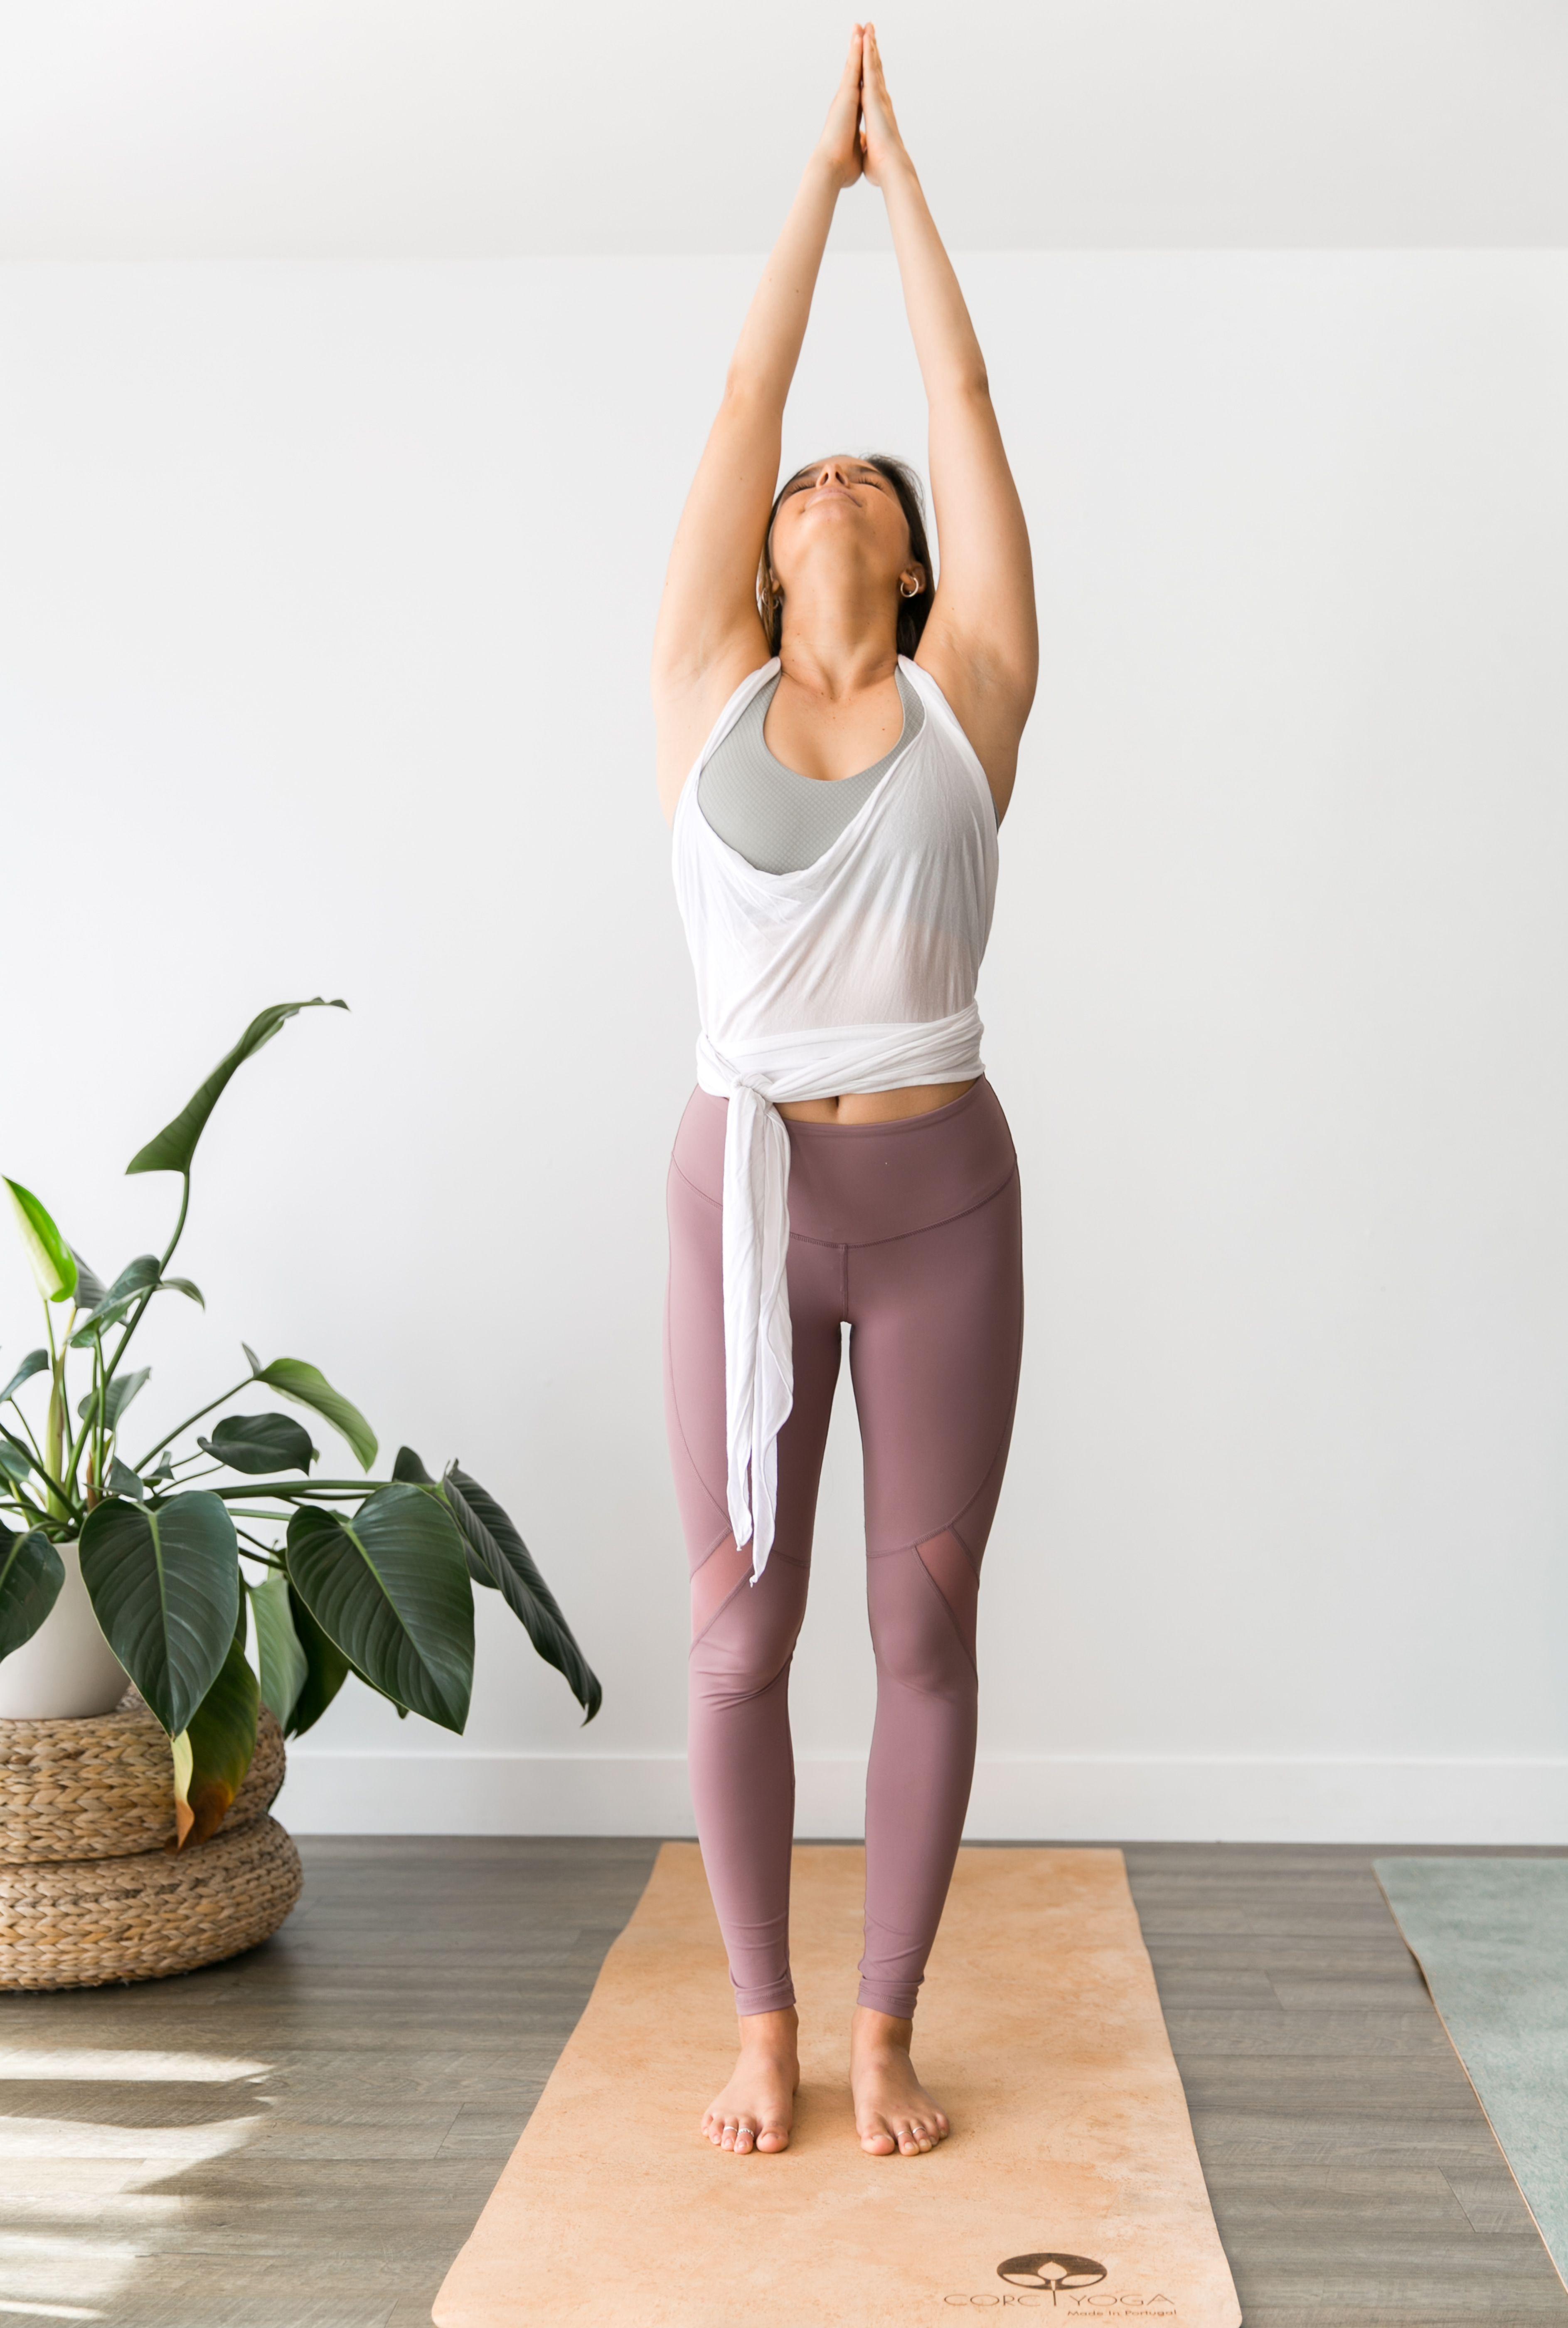 Corc Yoga | 100% Cork Yoga Mats & Accessories